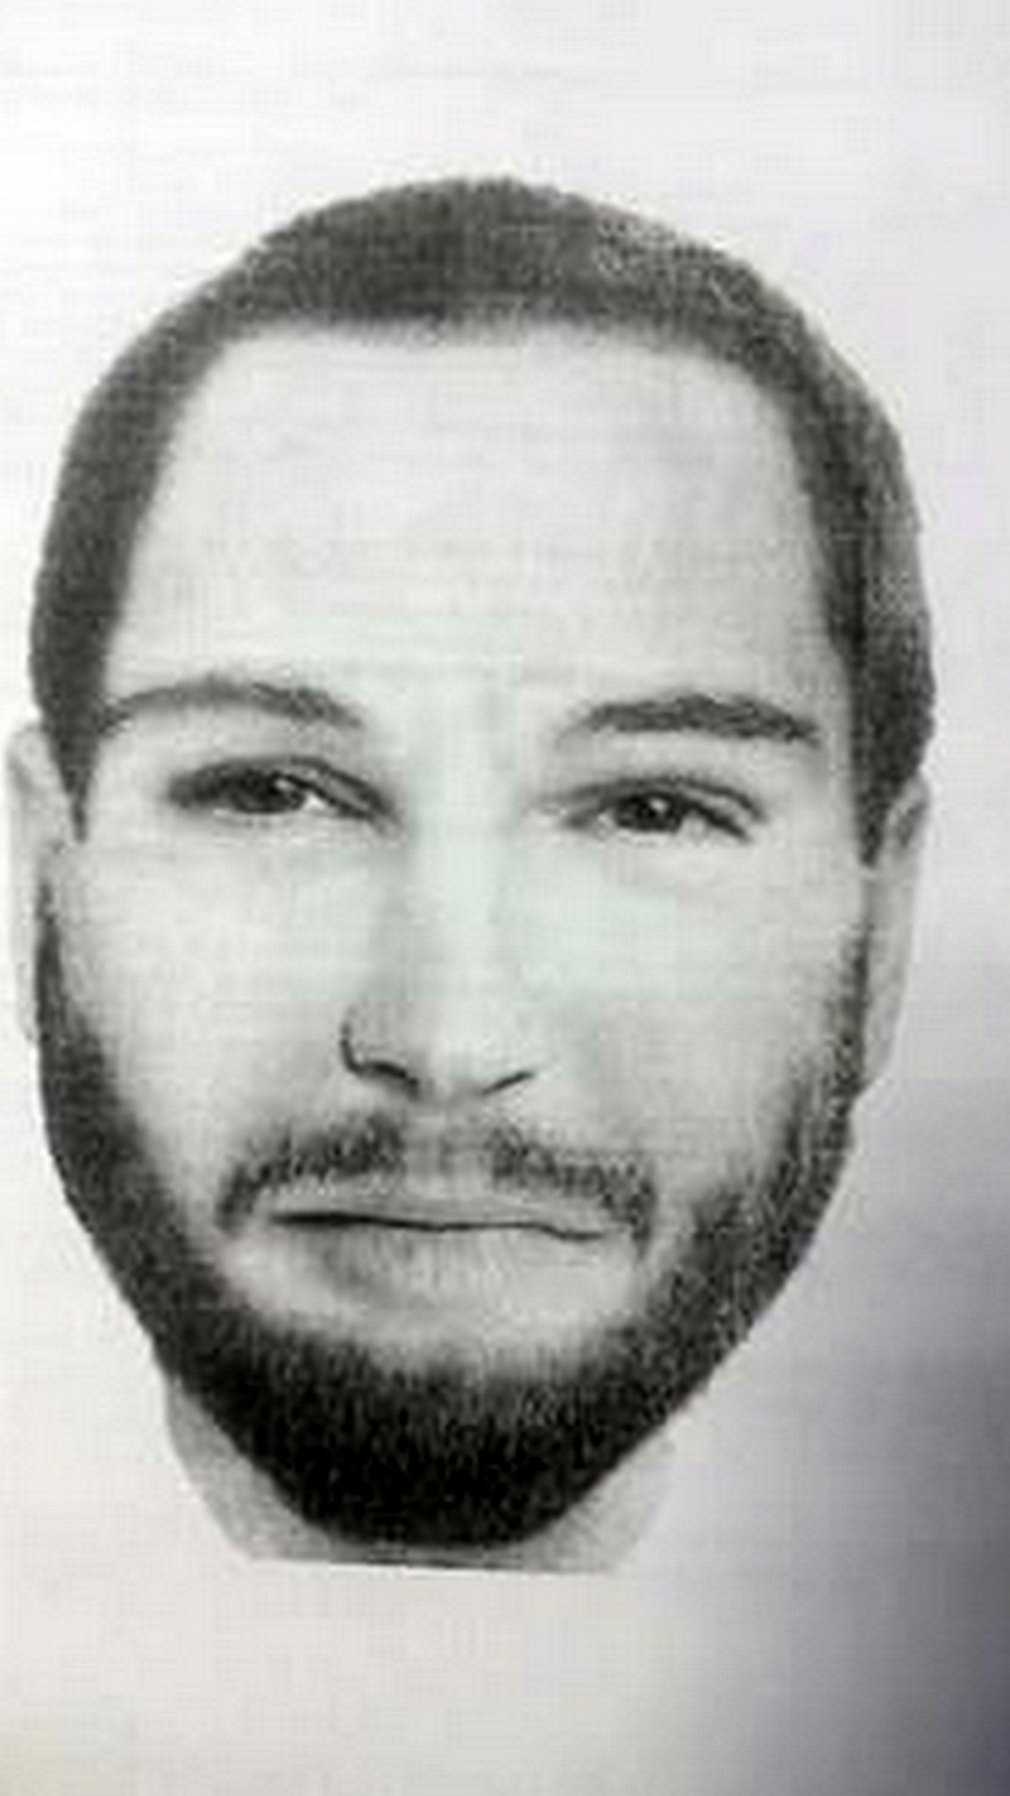 identikit osoby, ktorá sa mala pohybovať v okolí domu Jána Kuciaka